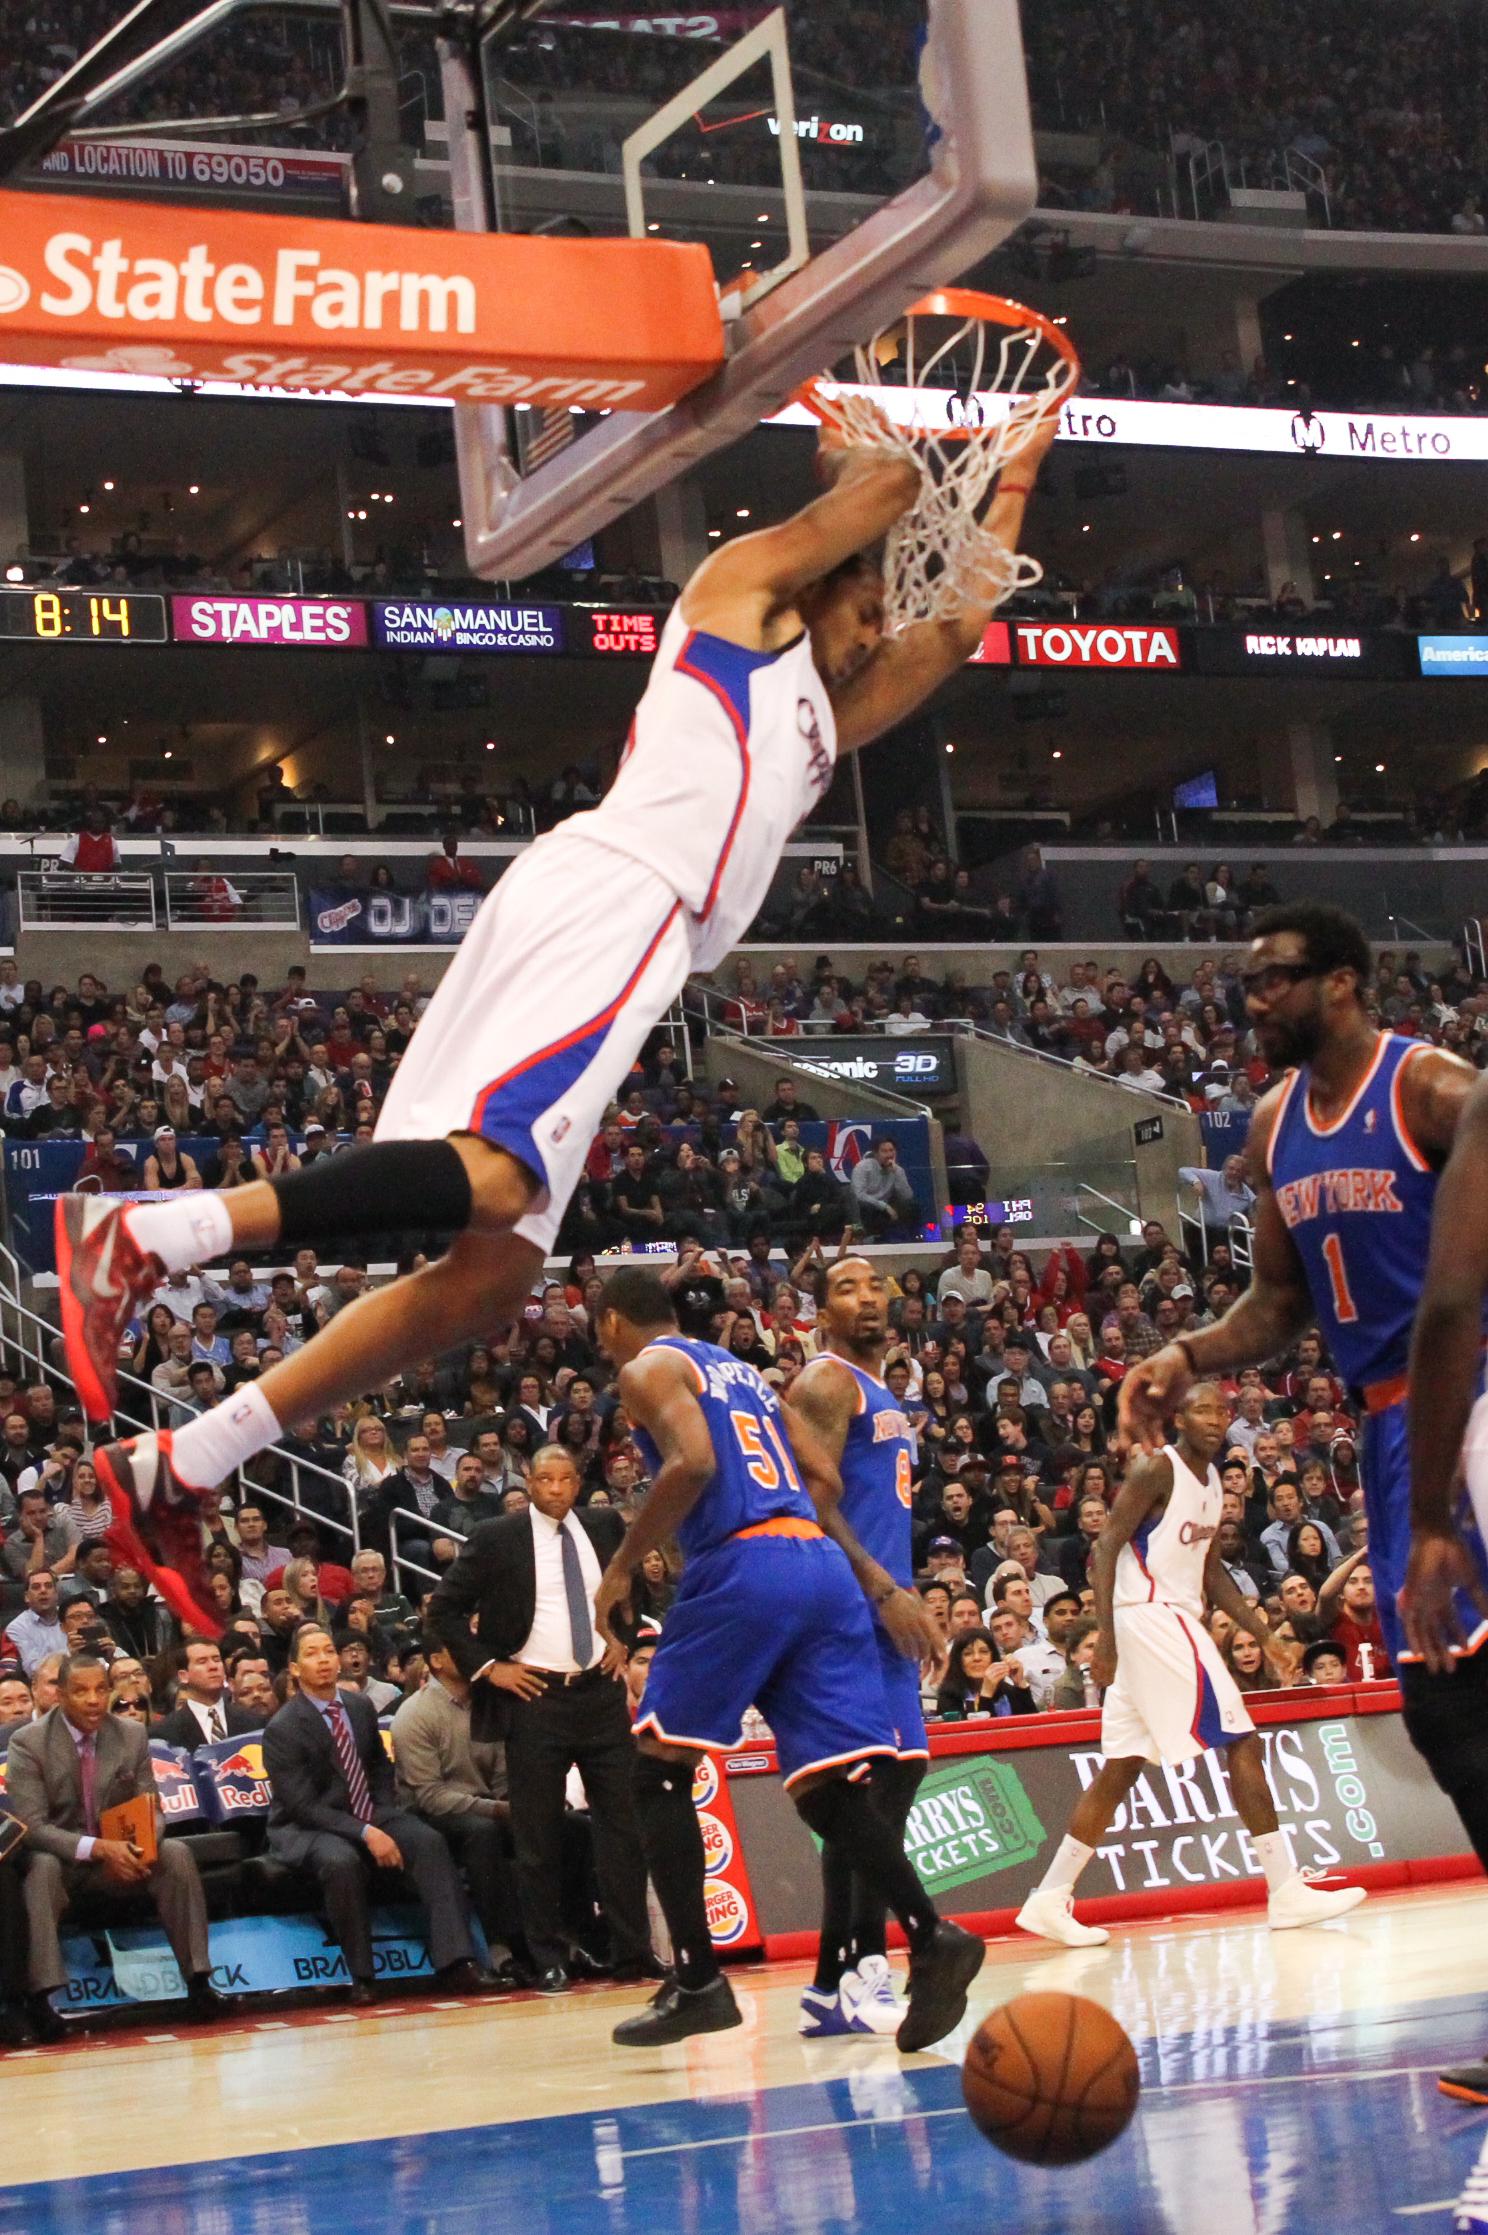 Photos by Varon P. Knicks-13.jpg